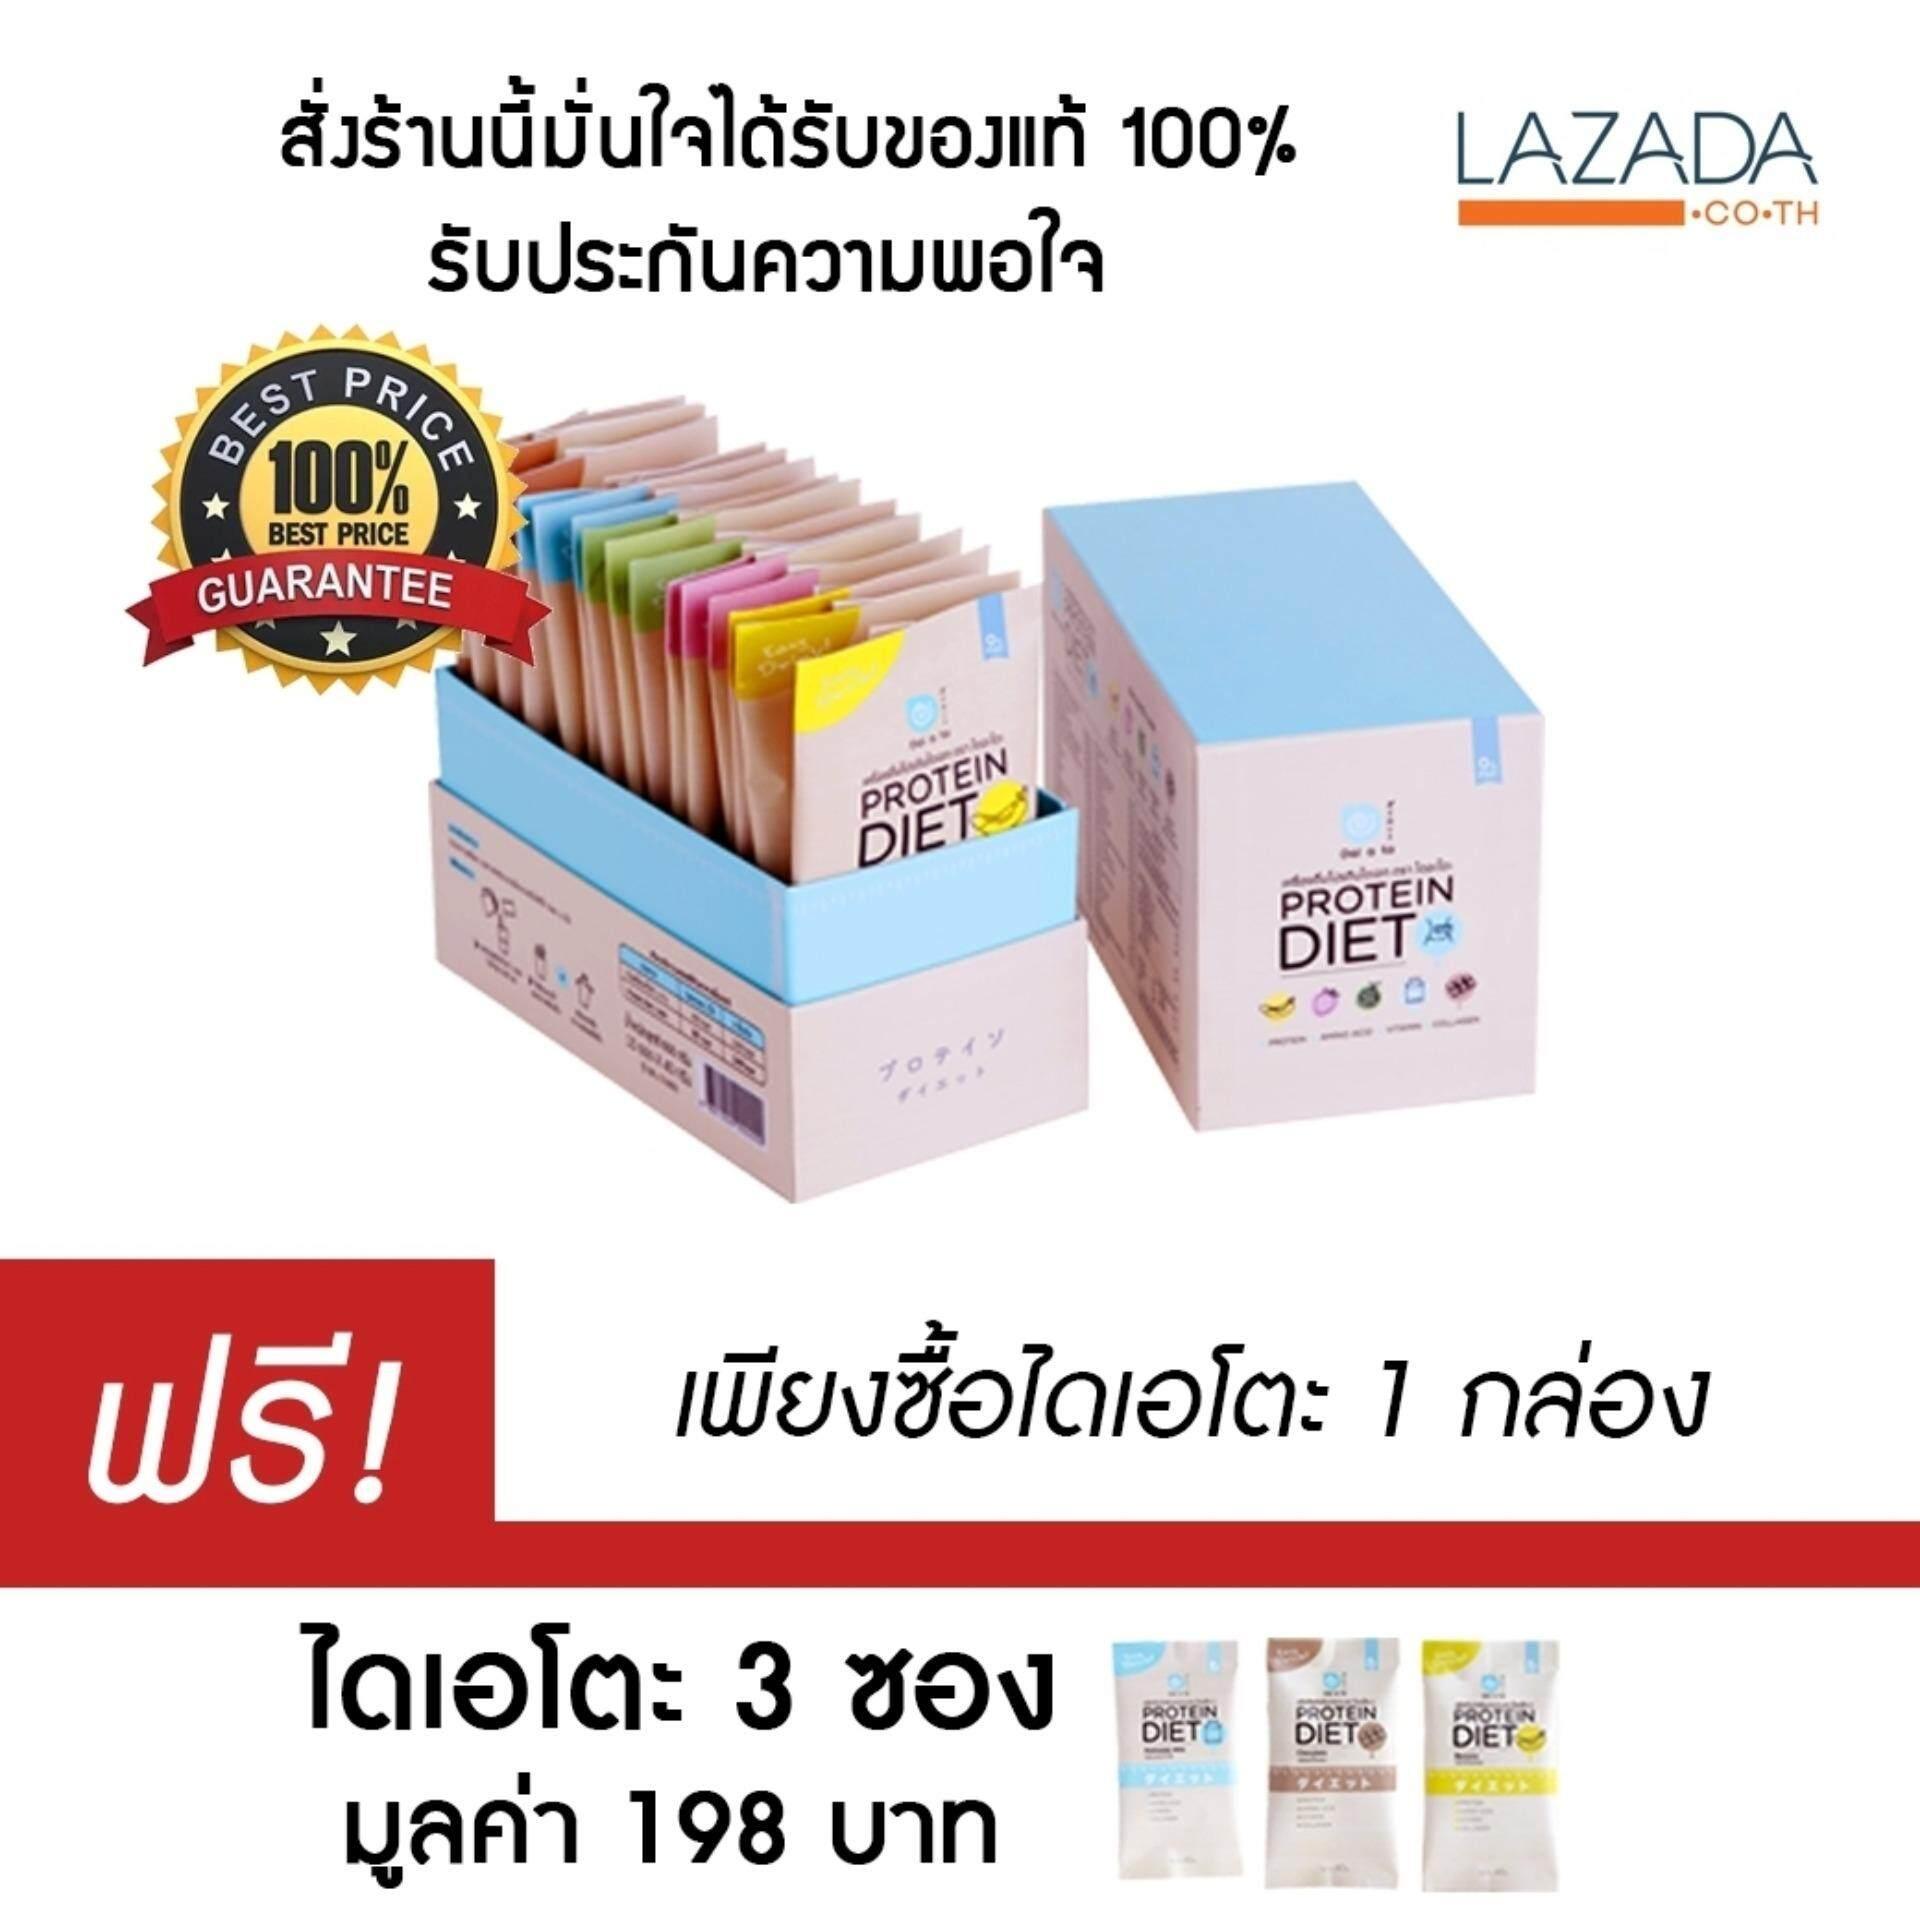 Daiato Protein Diet ไดเอโตะ เวย์โปรตีนไดเอท จากญี่ปุ่น 1กล่อง (12 แถม 3 ซอง!!!)